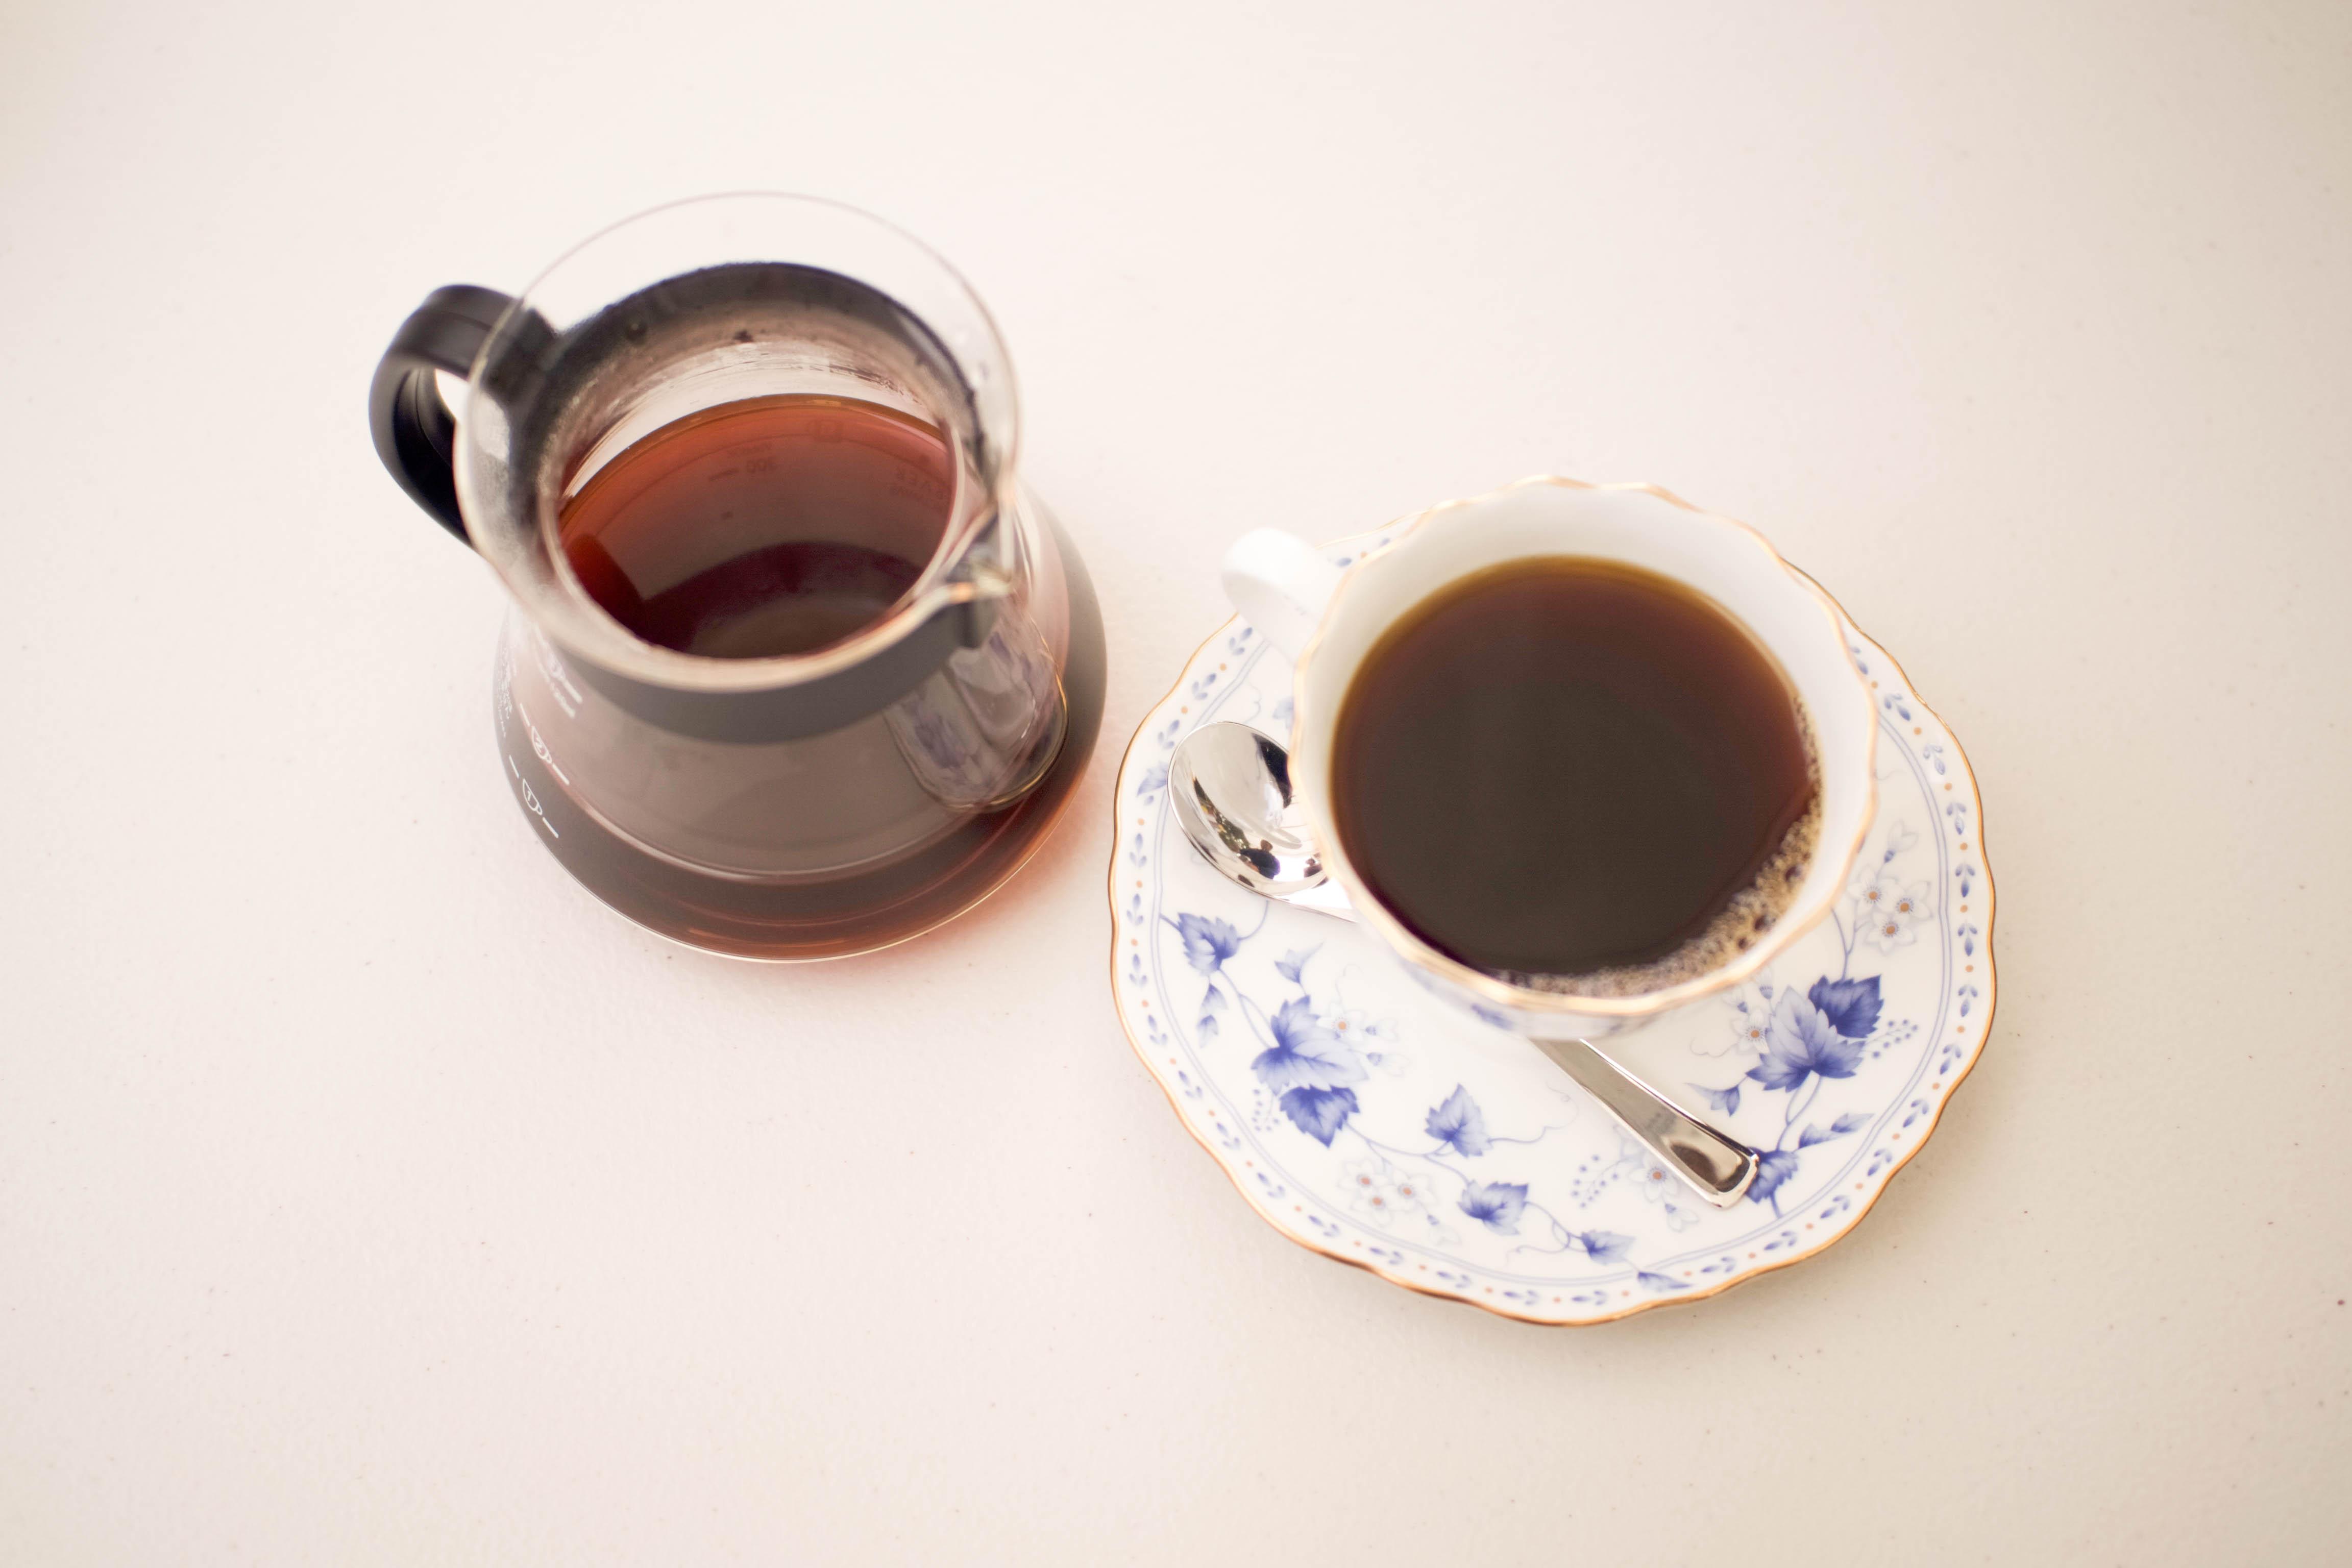 コーヒーの達人ソラトカフェ店主が教える、自宅でもできる美味しいコーヒーの淹れ方